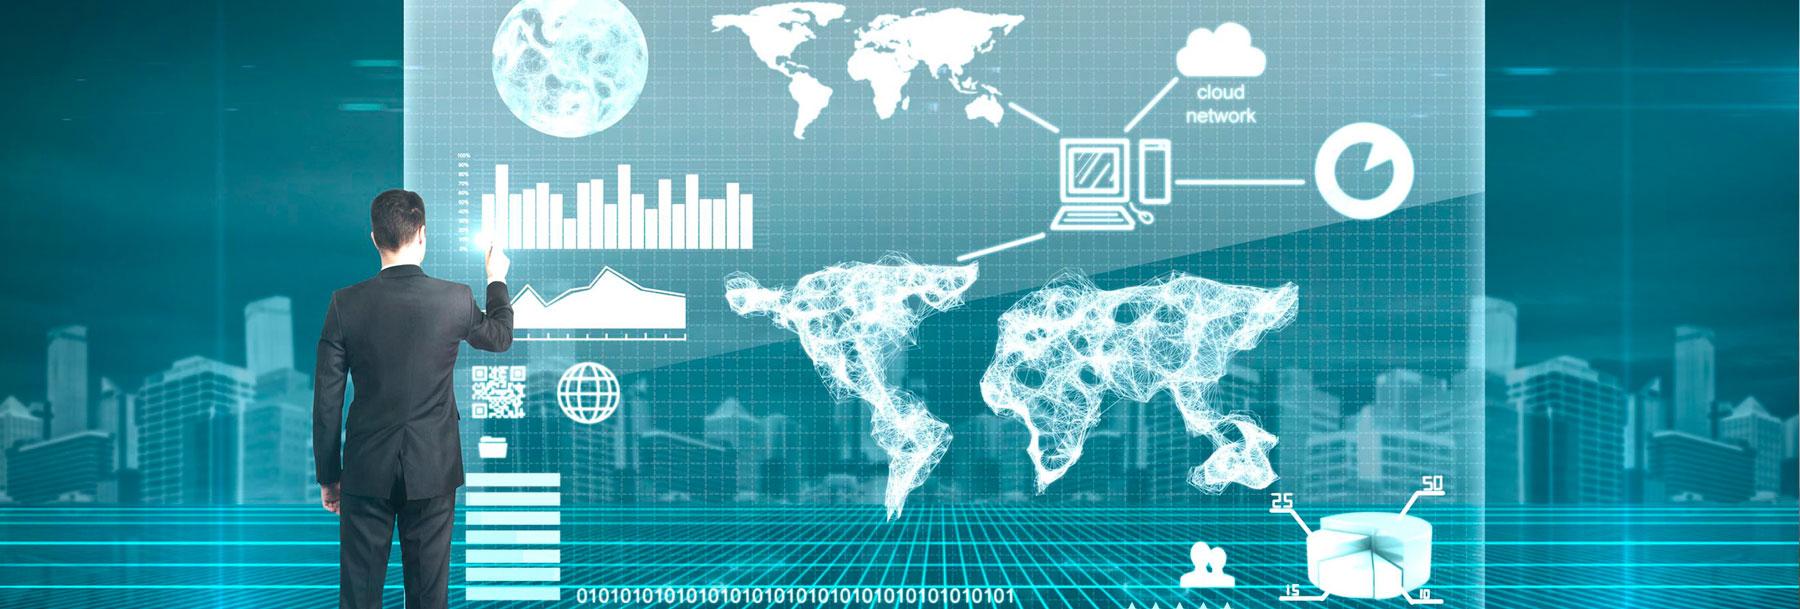 Kailashweb-raggiungi-nuovi-clienti-promuovi-il-tuo-business